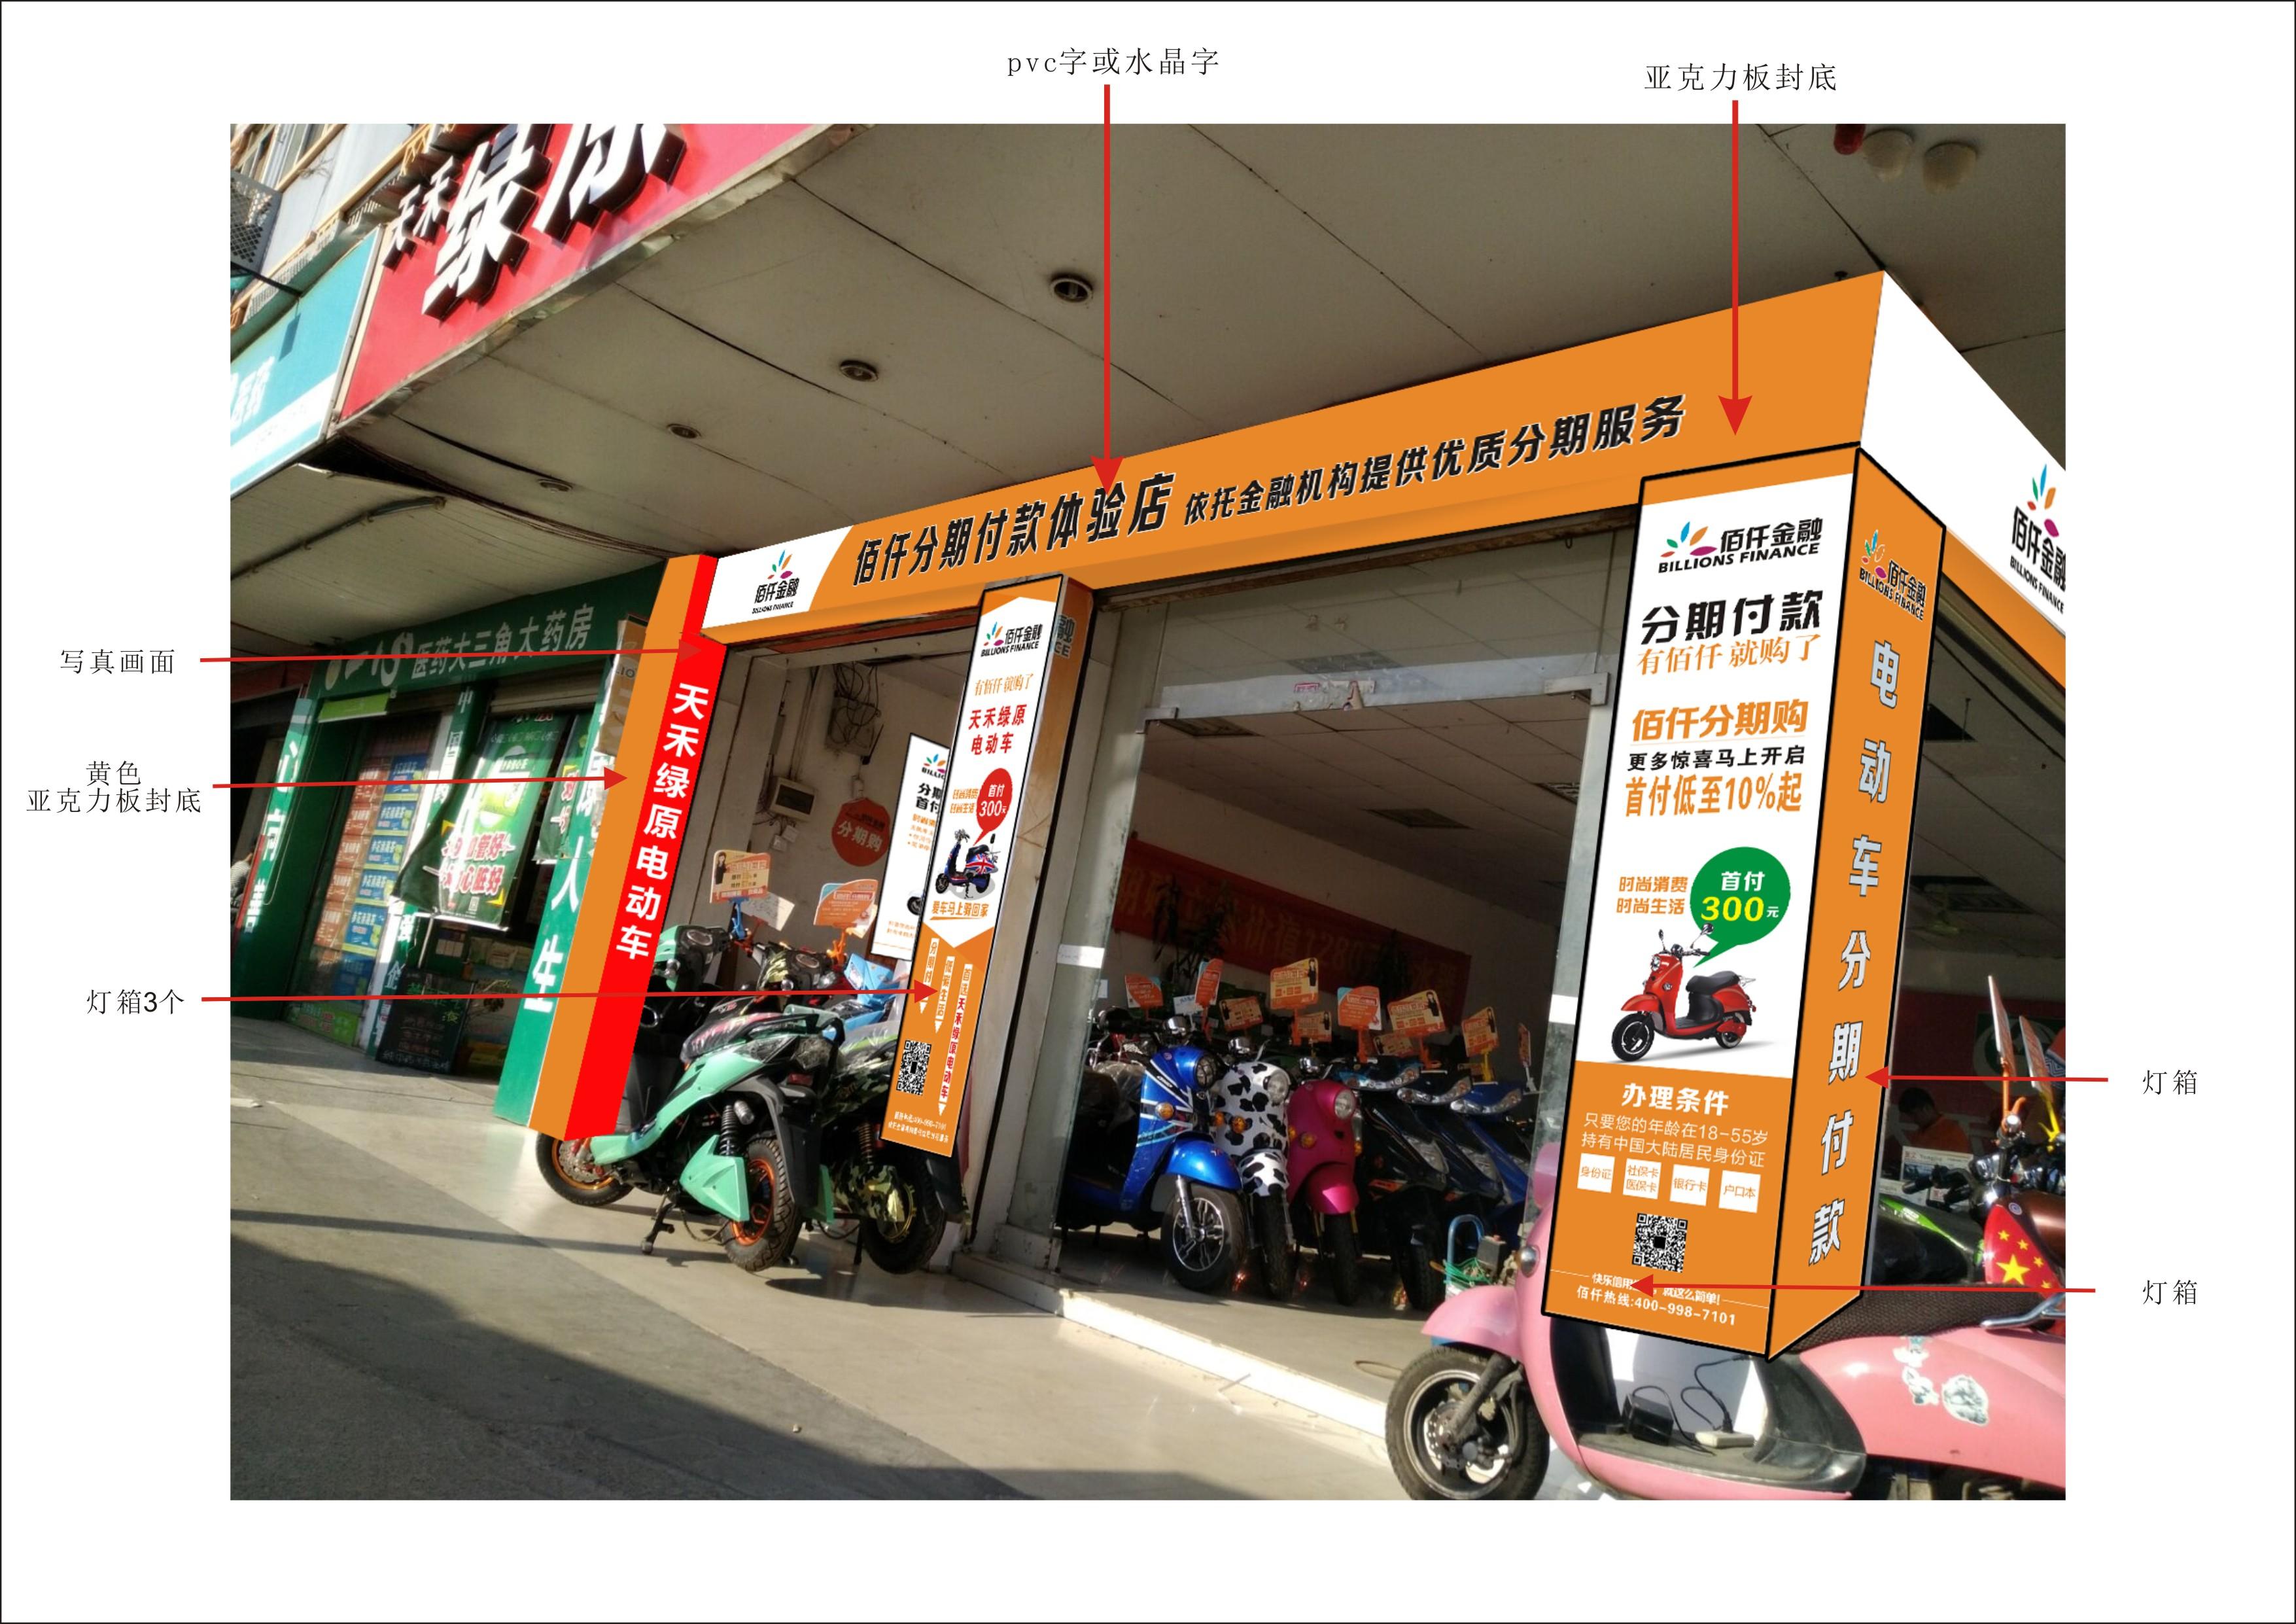 梧州佰仟金融店招牌